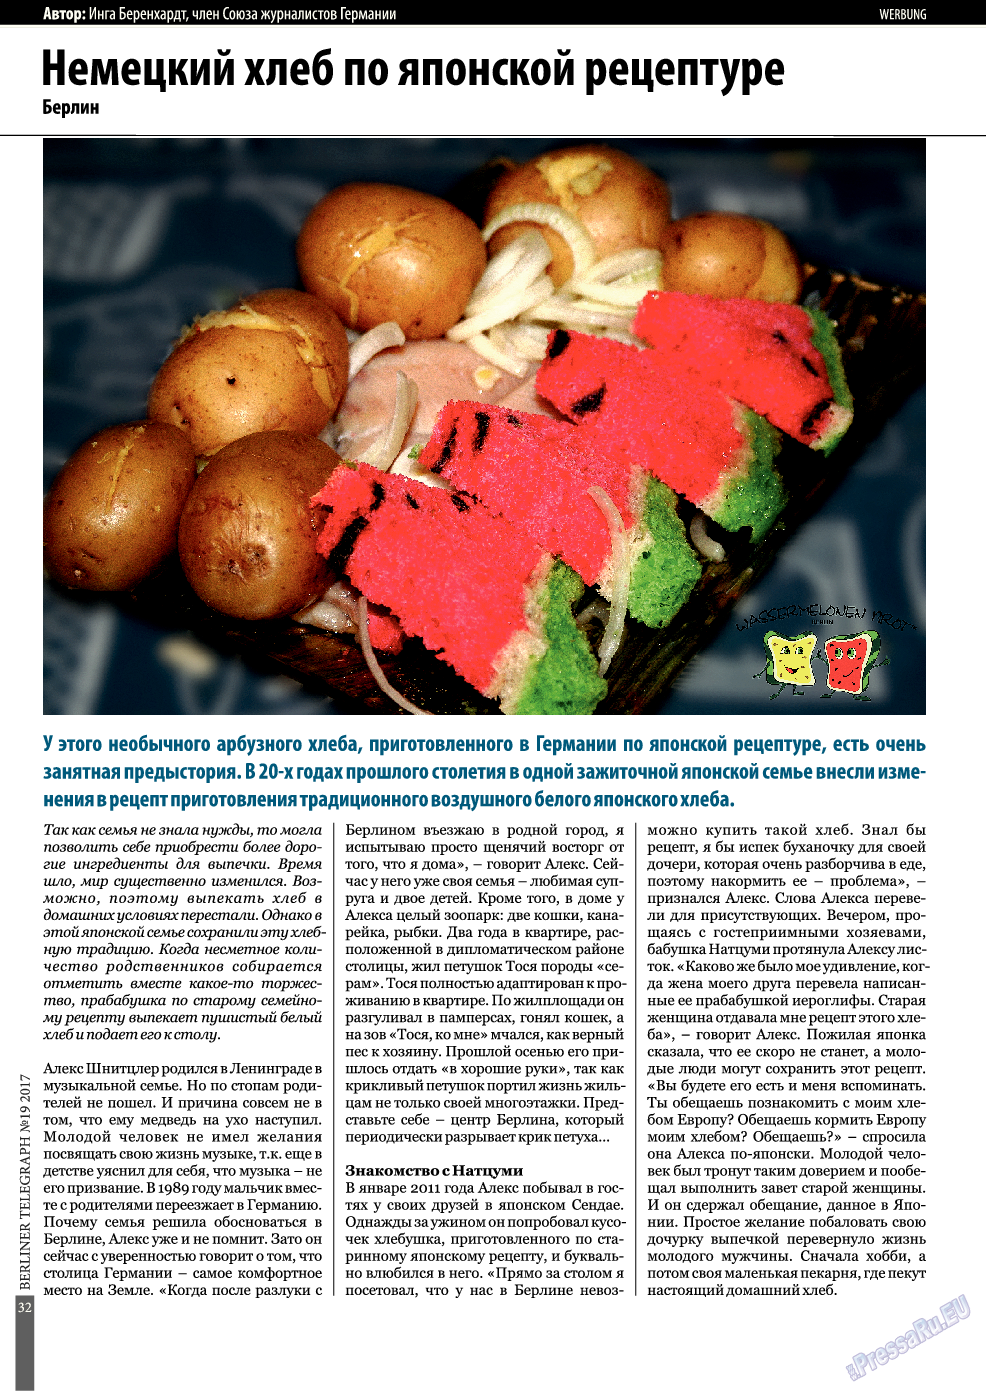 Берлинский телеграф (журнал). 2017 год, номер 19, стр. 32